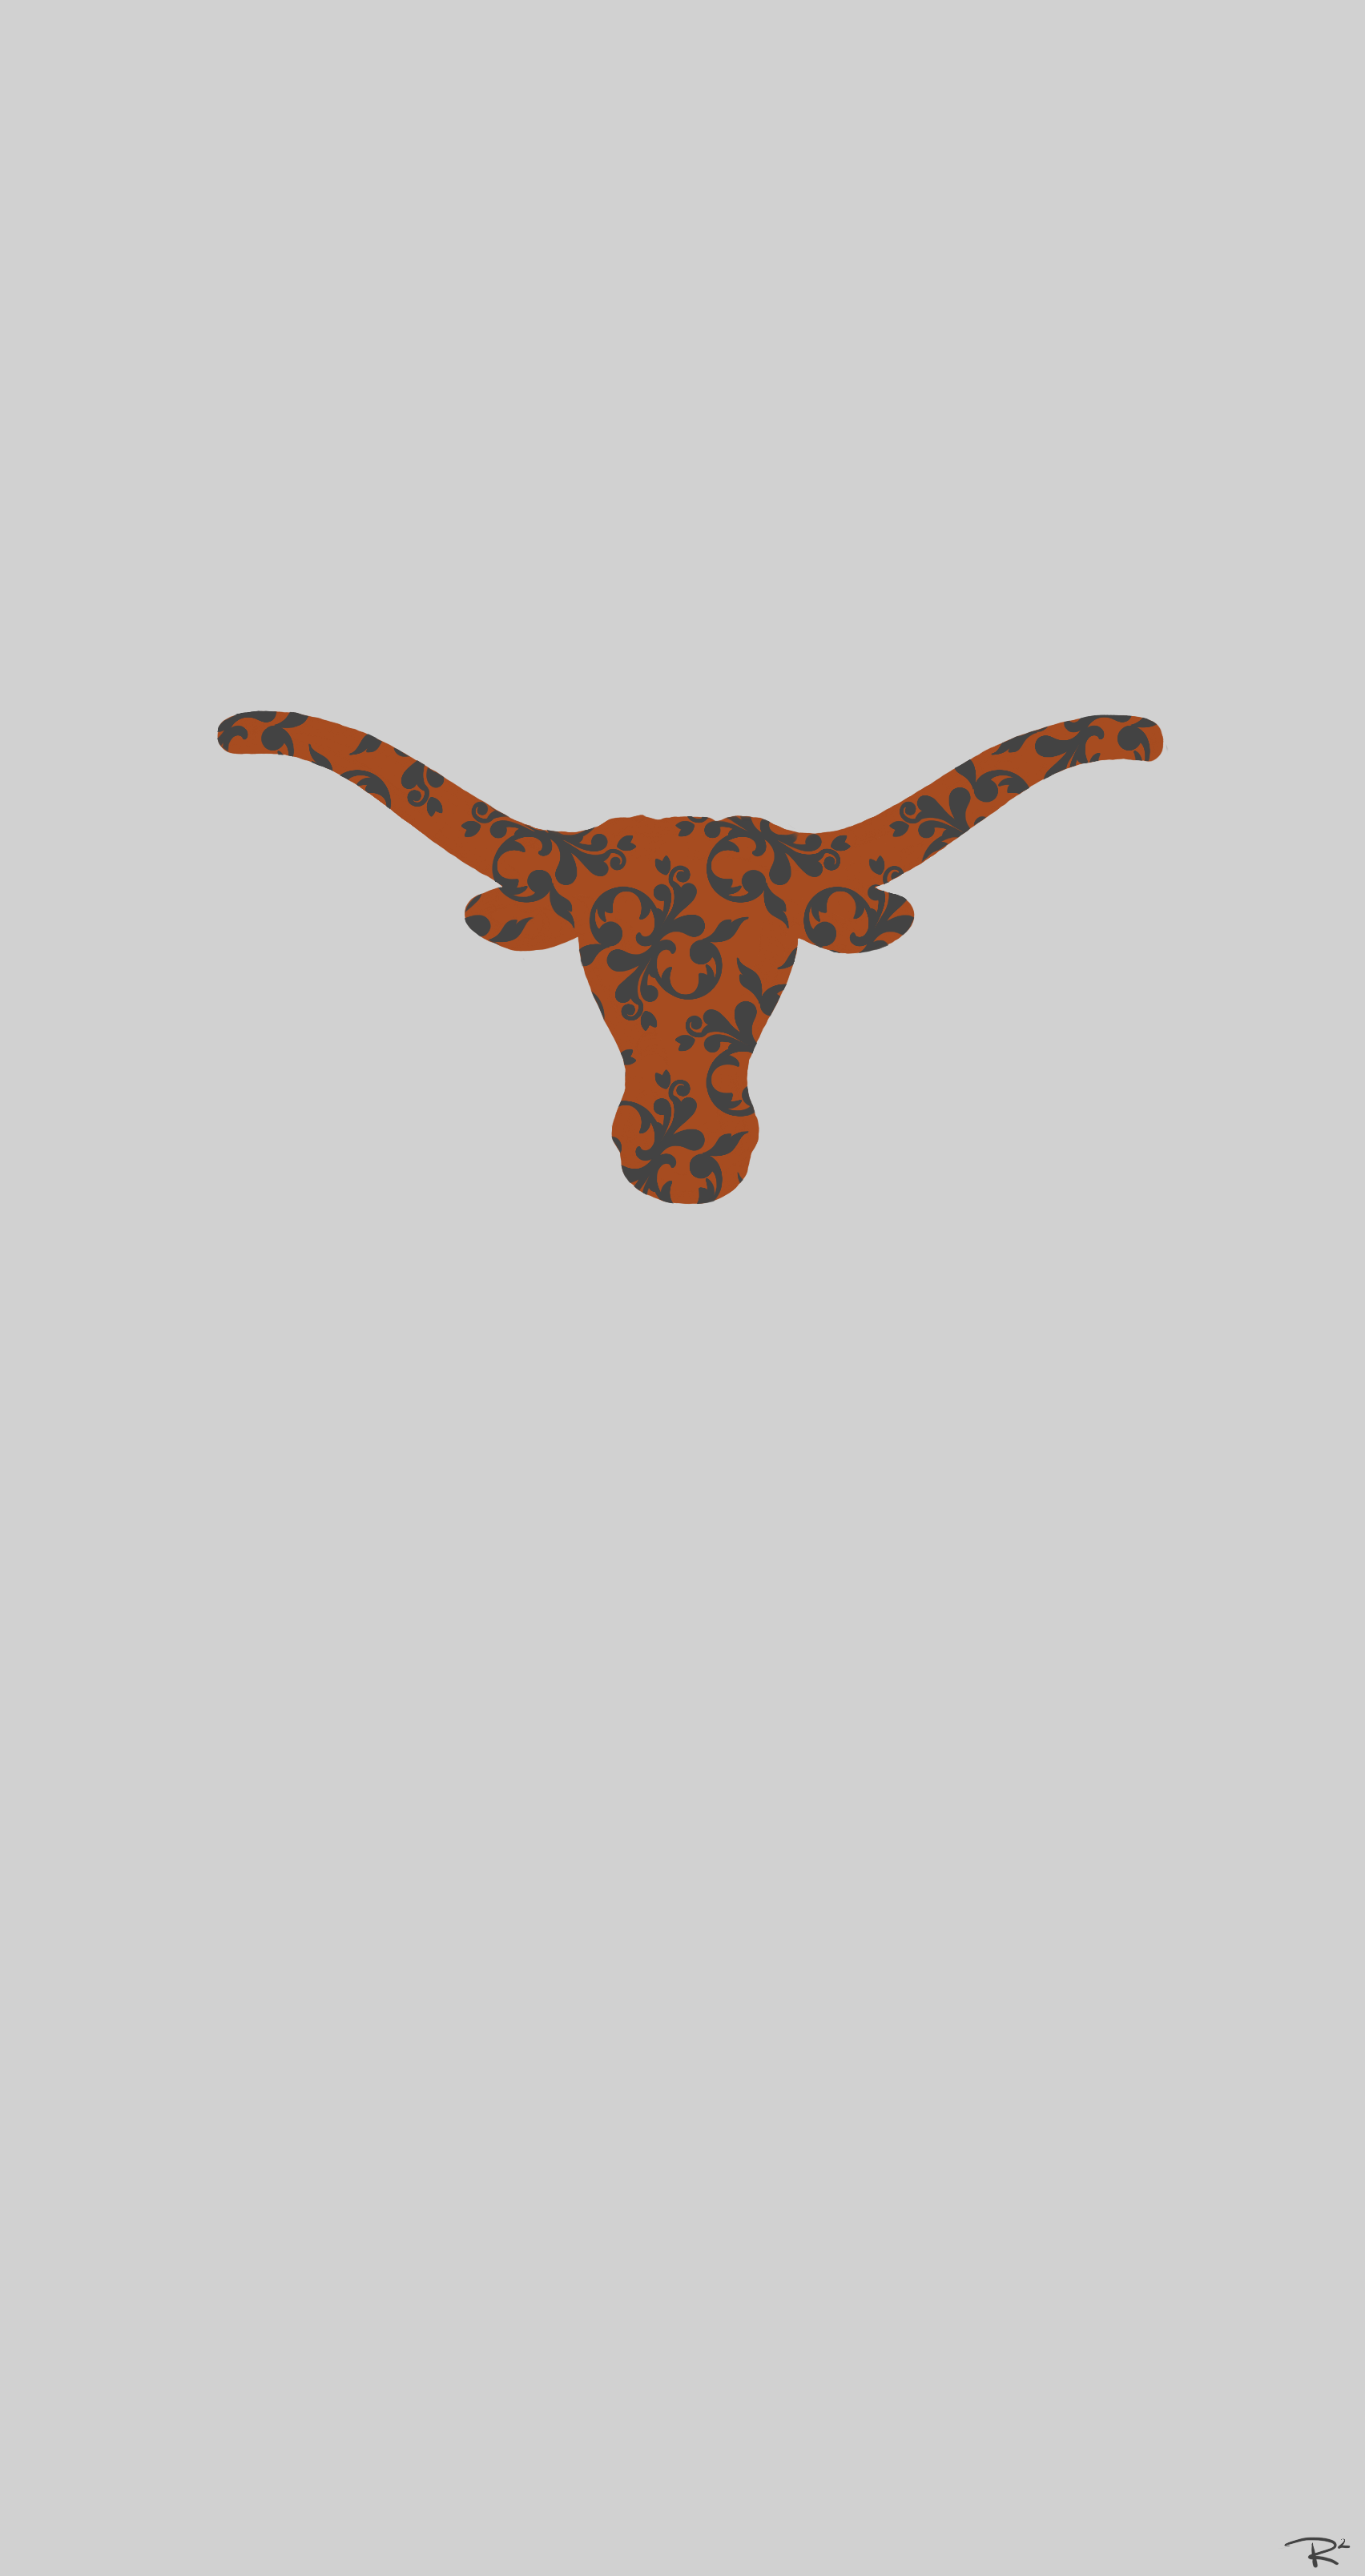 Texas Longhorns 1704x3216 Wallpaper Teahub Io